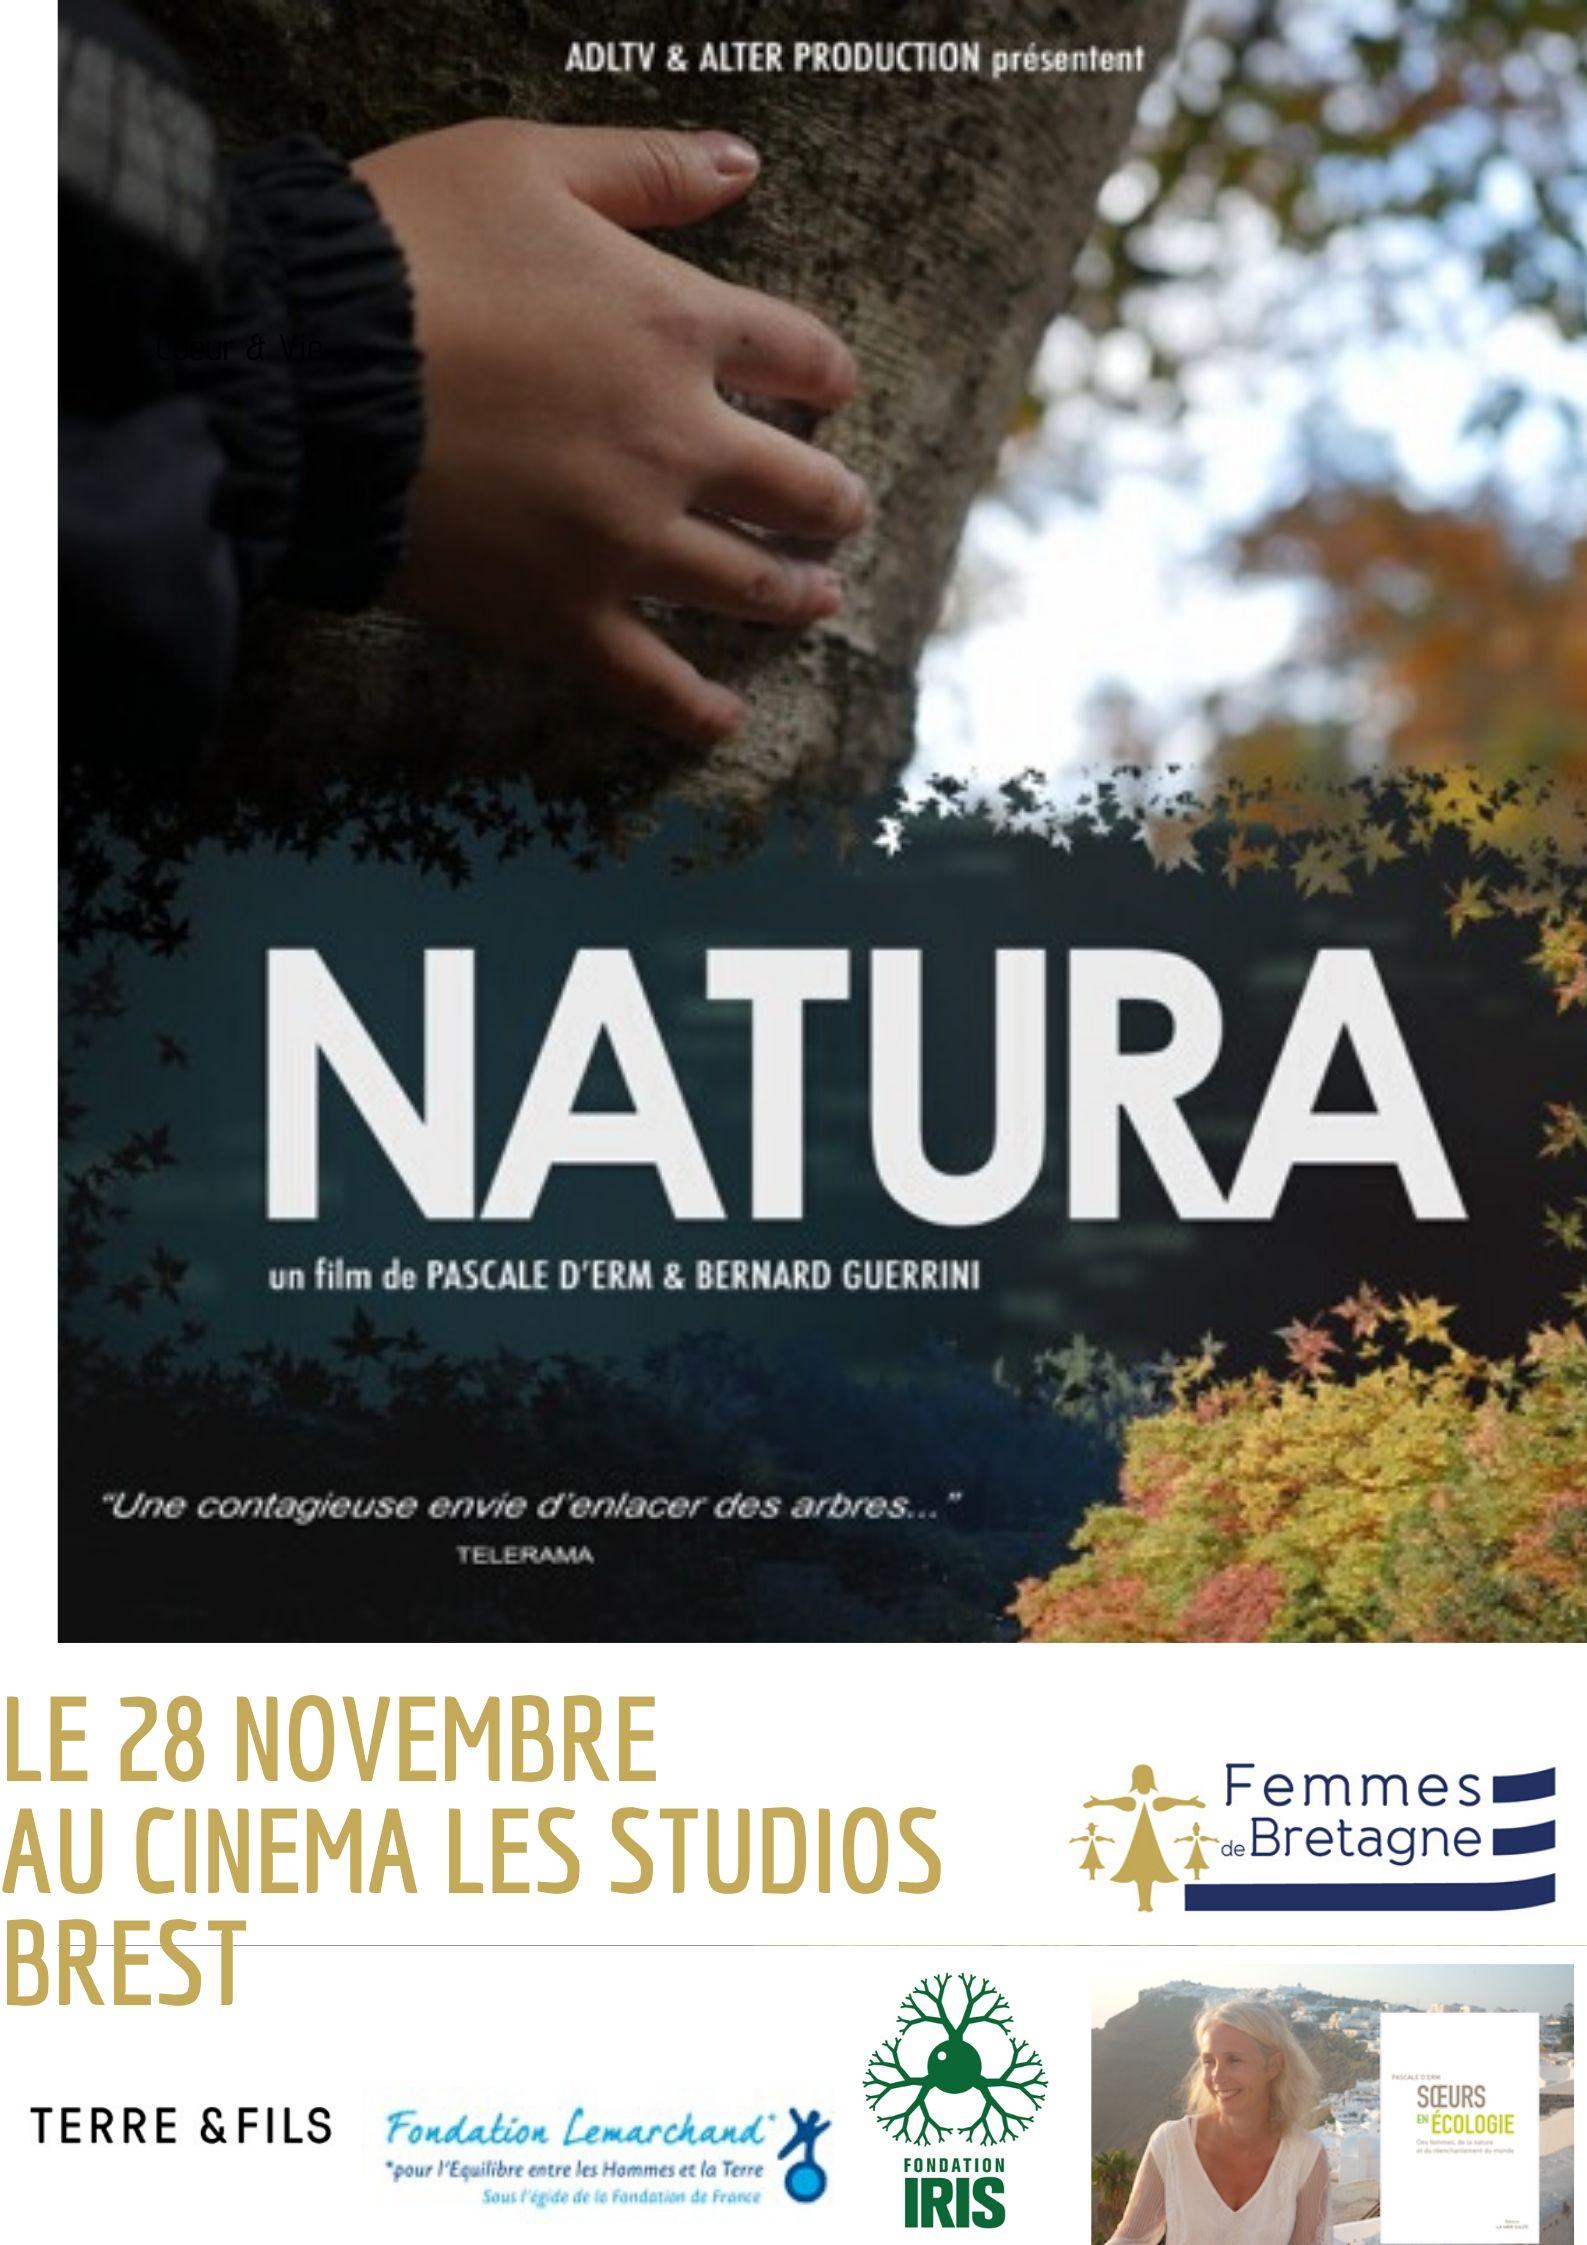 28/11/19 – Brest – Projection du documentaire NATURA de Pascale d'Erm